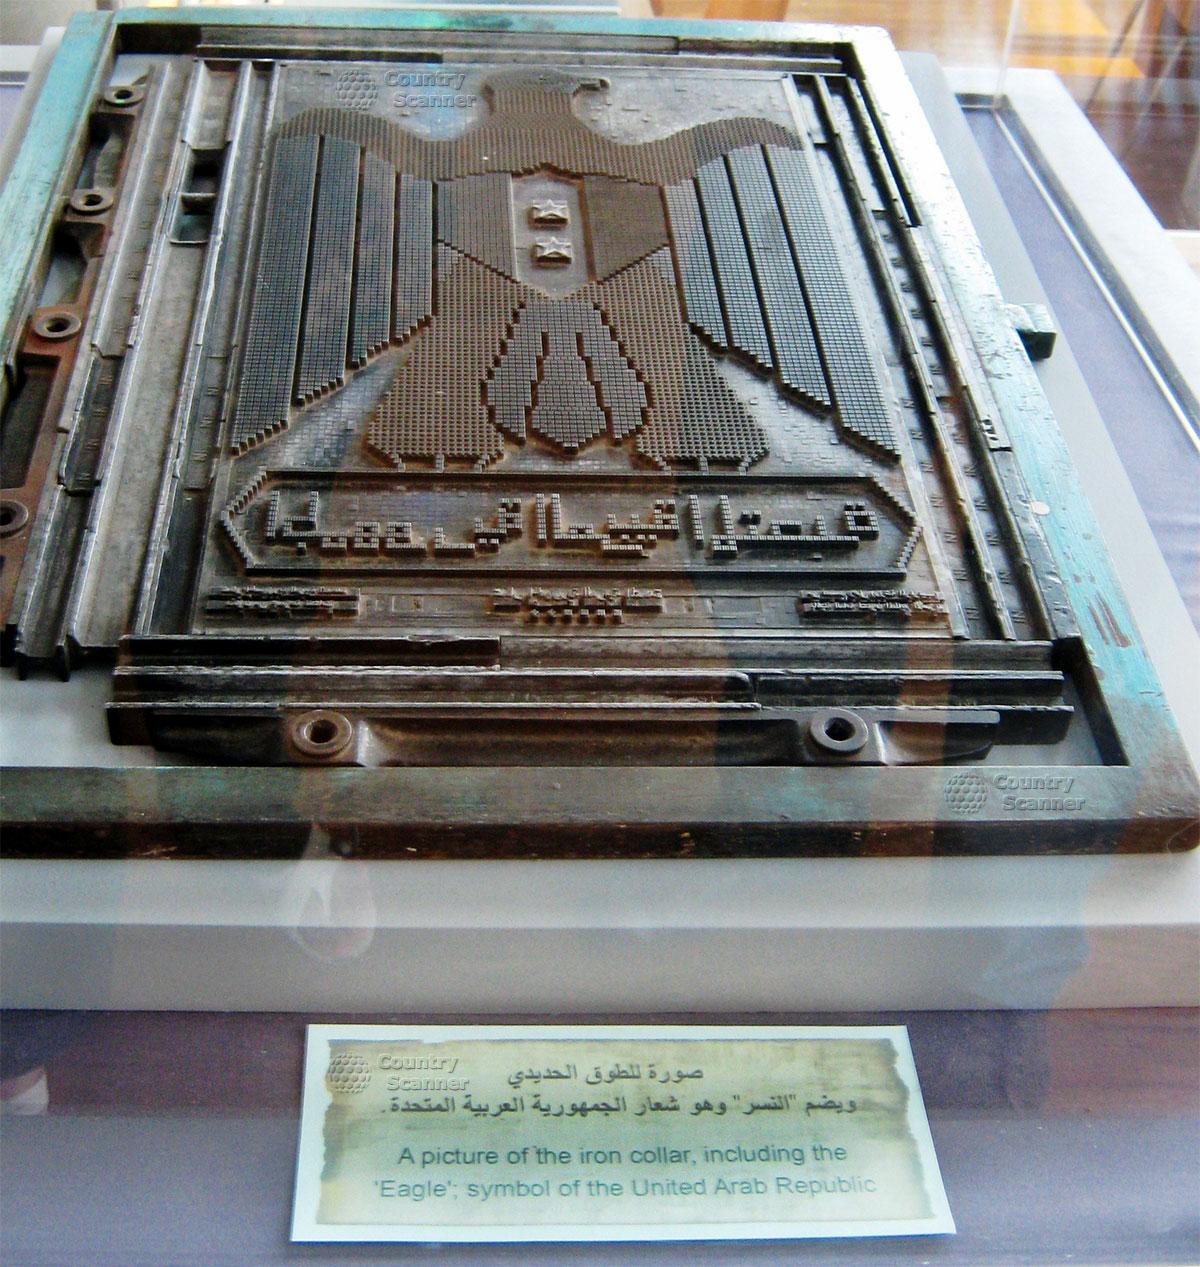 Штамп орла, символа объединенной арабской республики в Александрийской библиотеке.